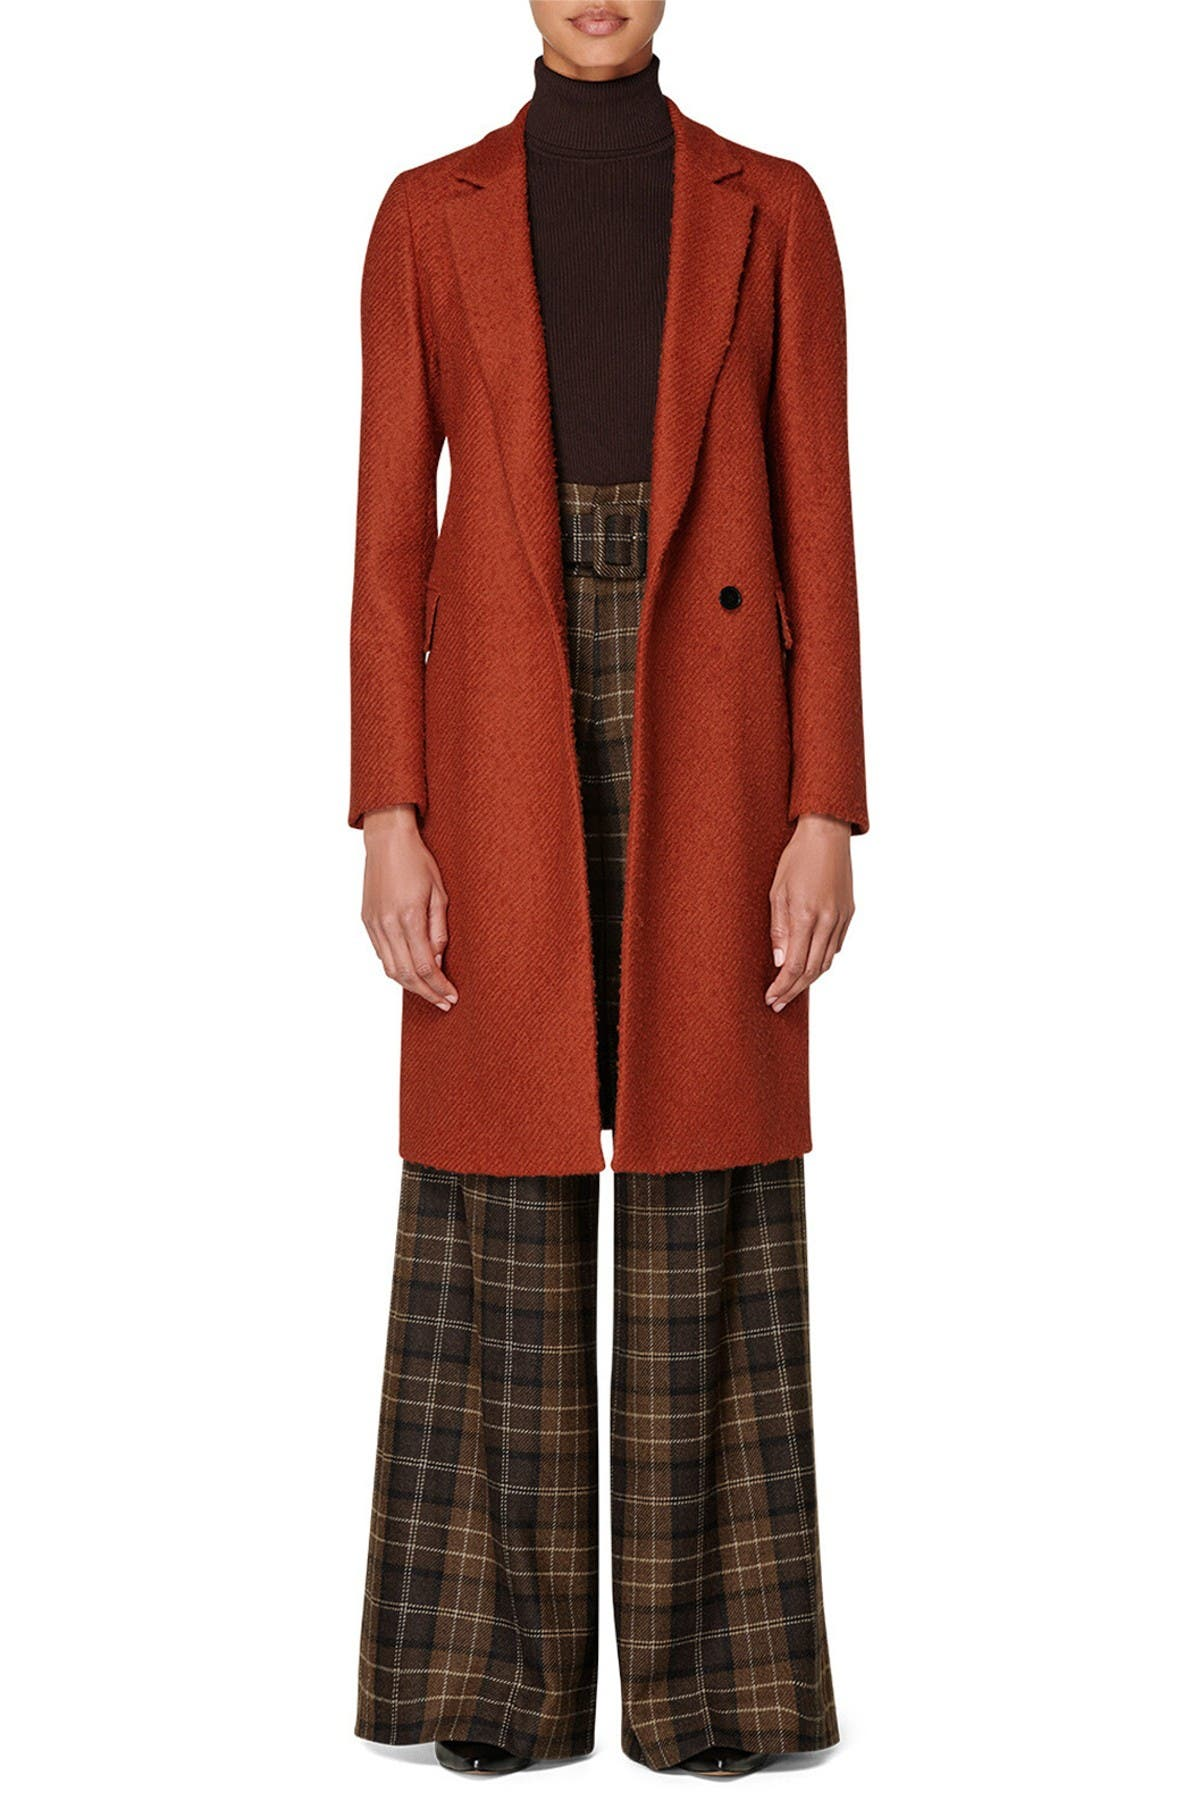 Image of SUISTUDIO Alia Wool Blend Coat